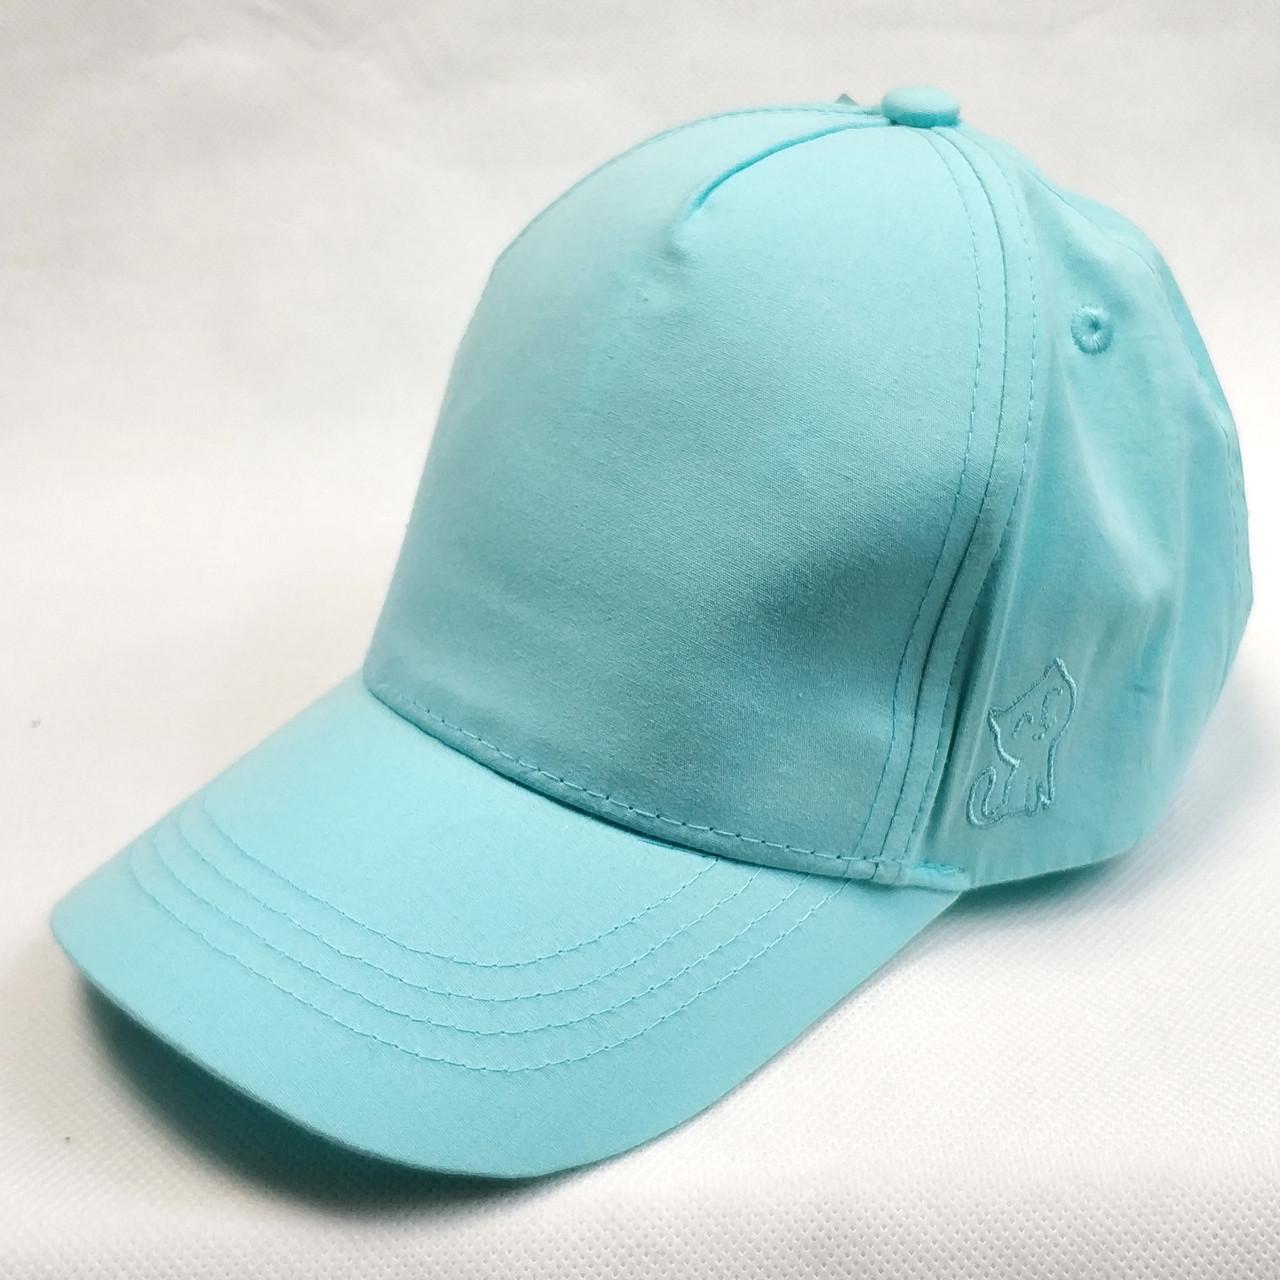 Детская летняя кепка бейсболка для девочки мята бренд c&a 4-7 лет